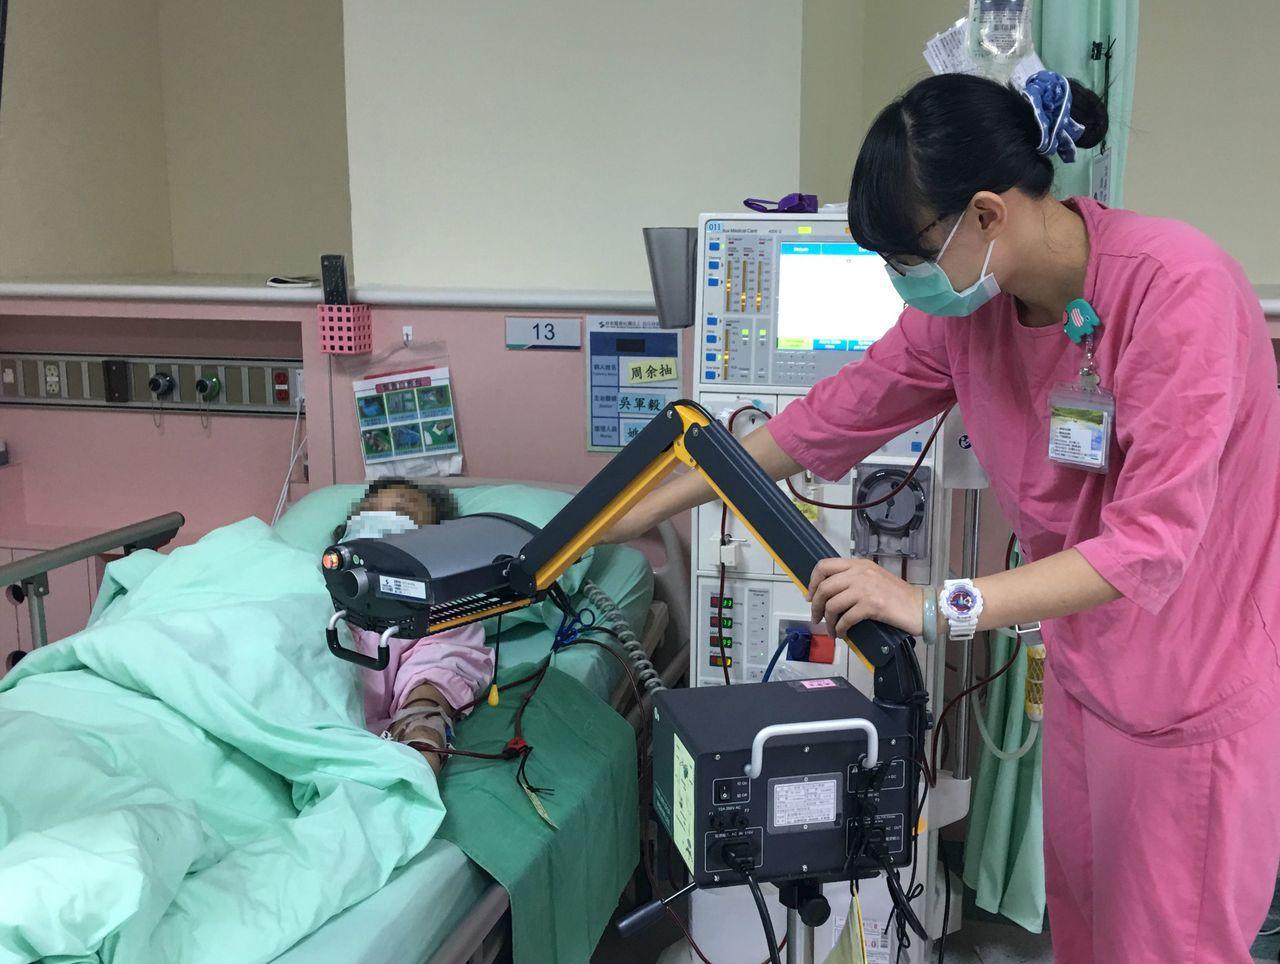 洗腎示意照。圖/烏日林新醫院提供